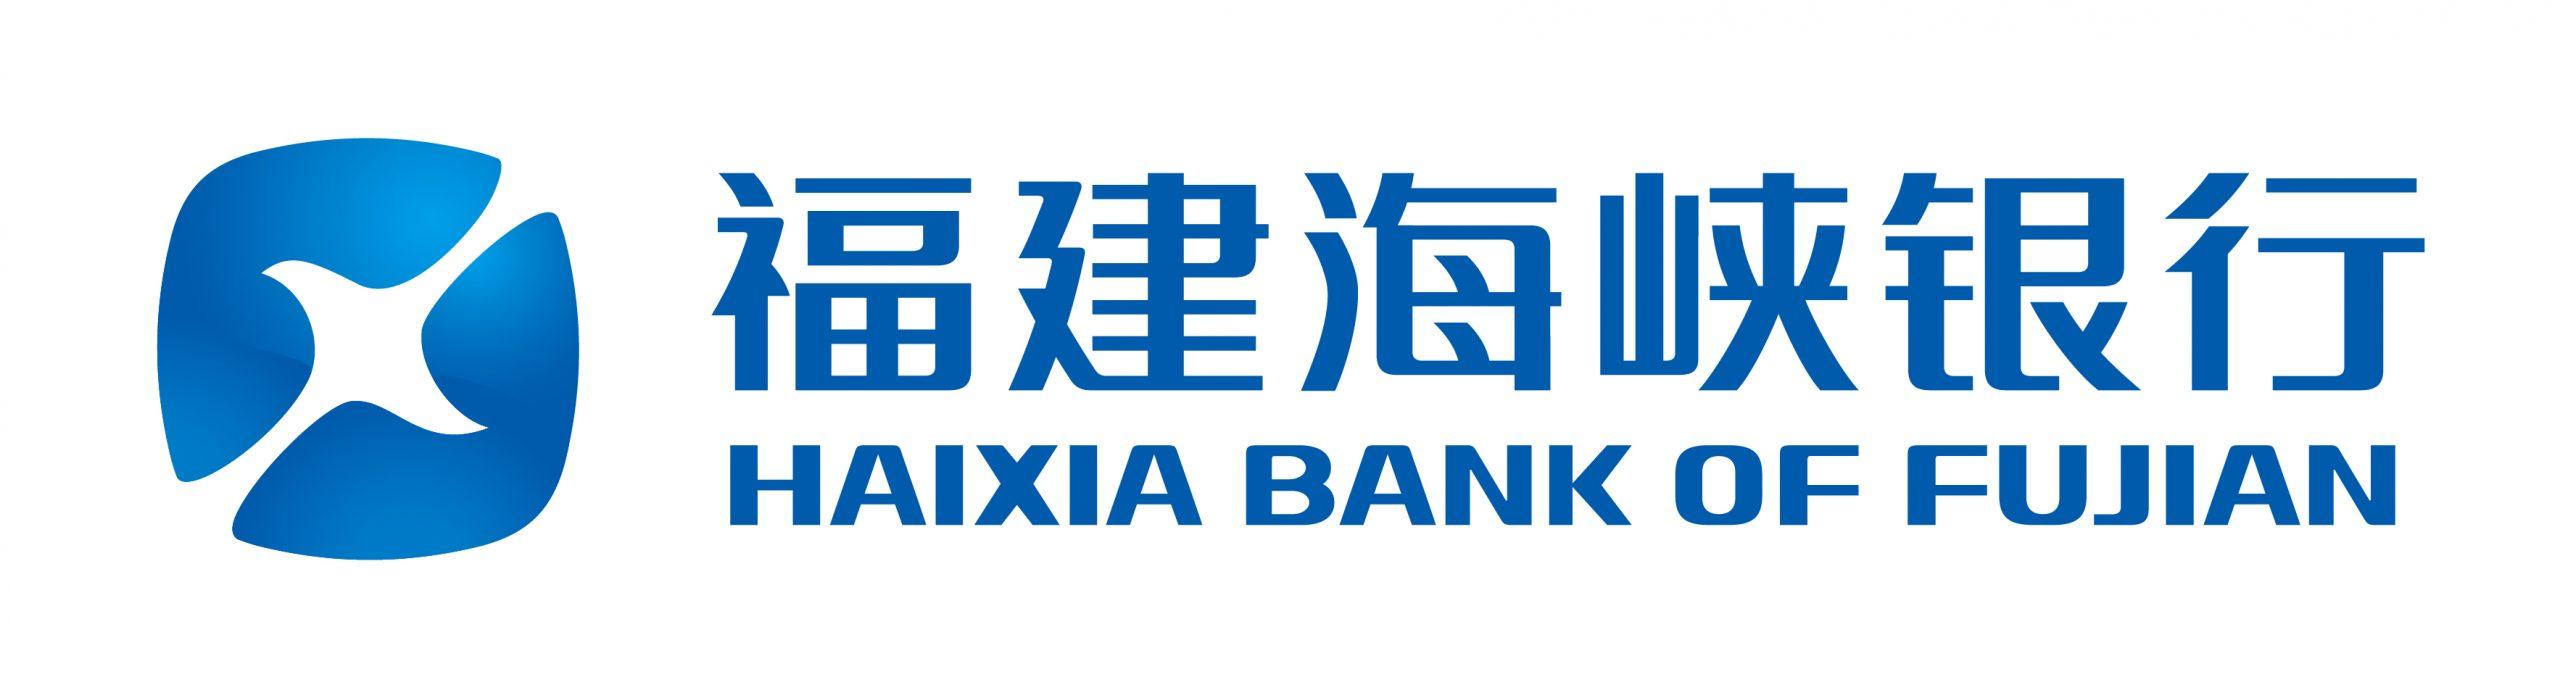 Fujian Haixia Bank